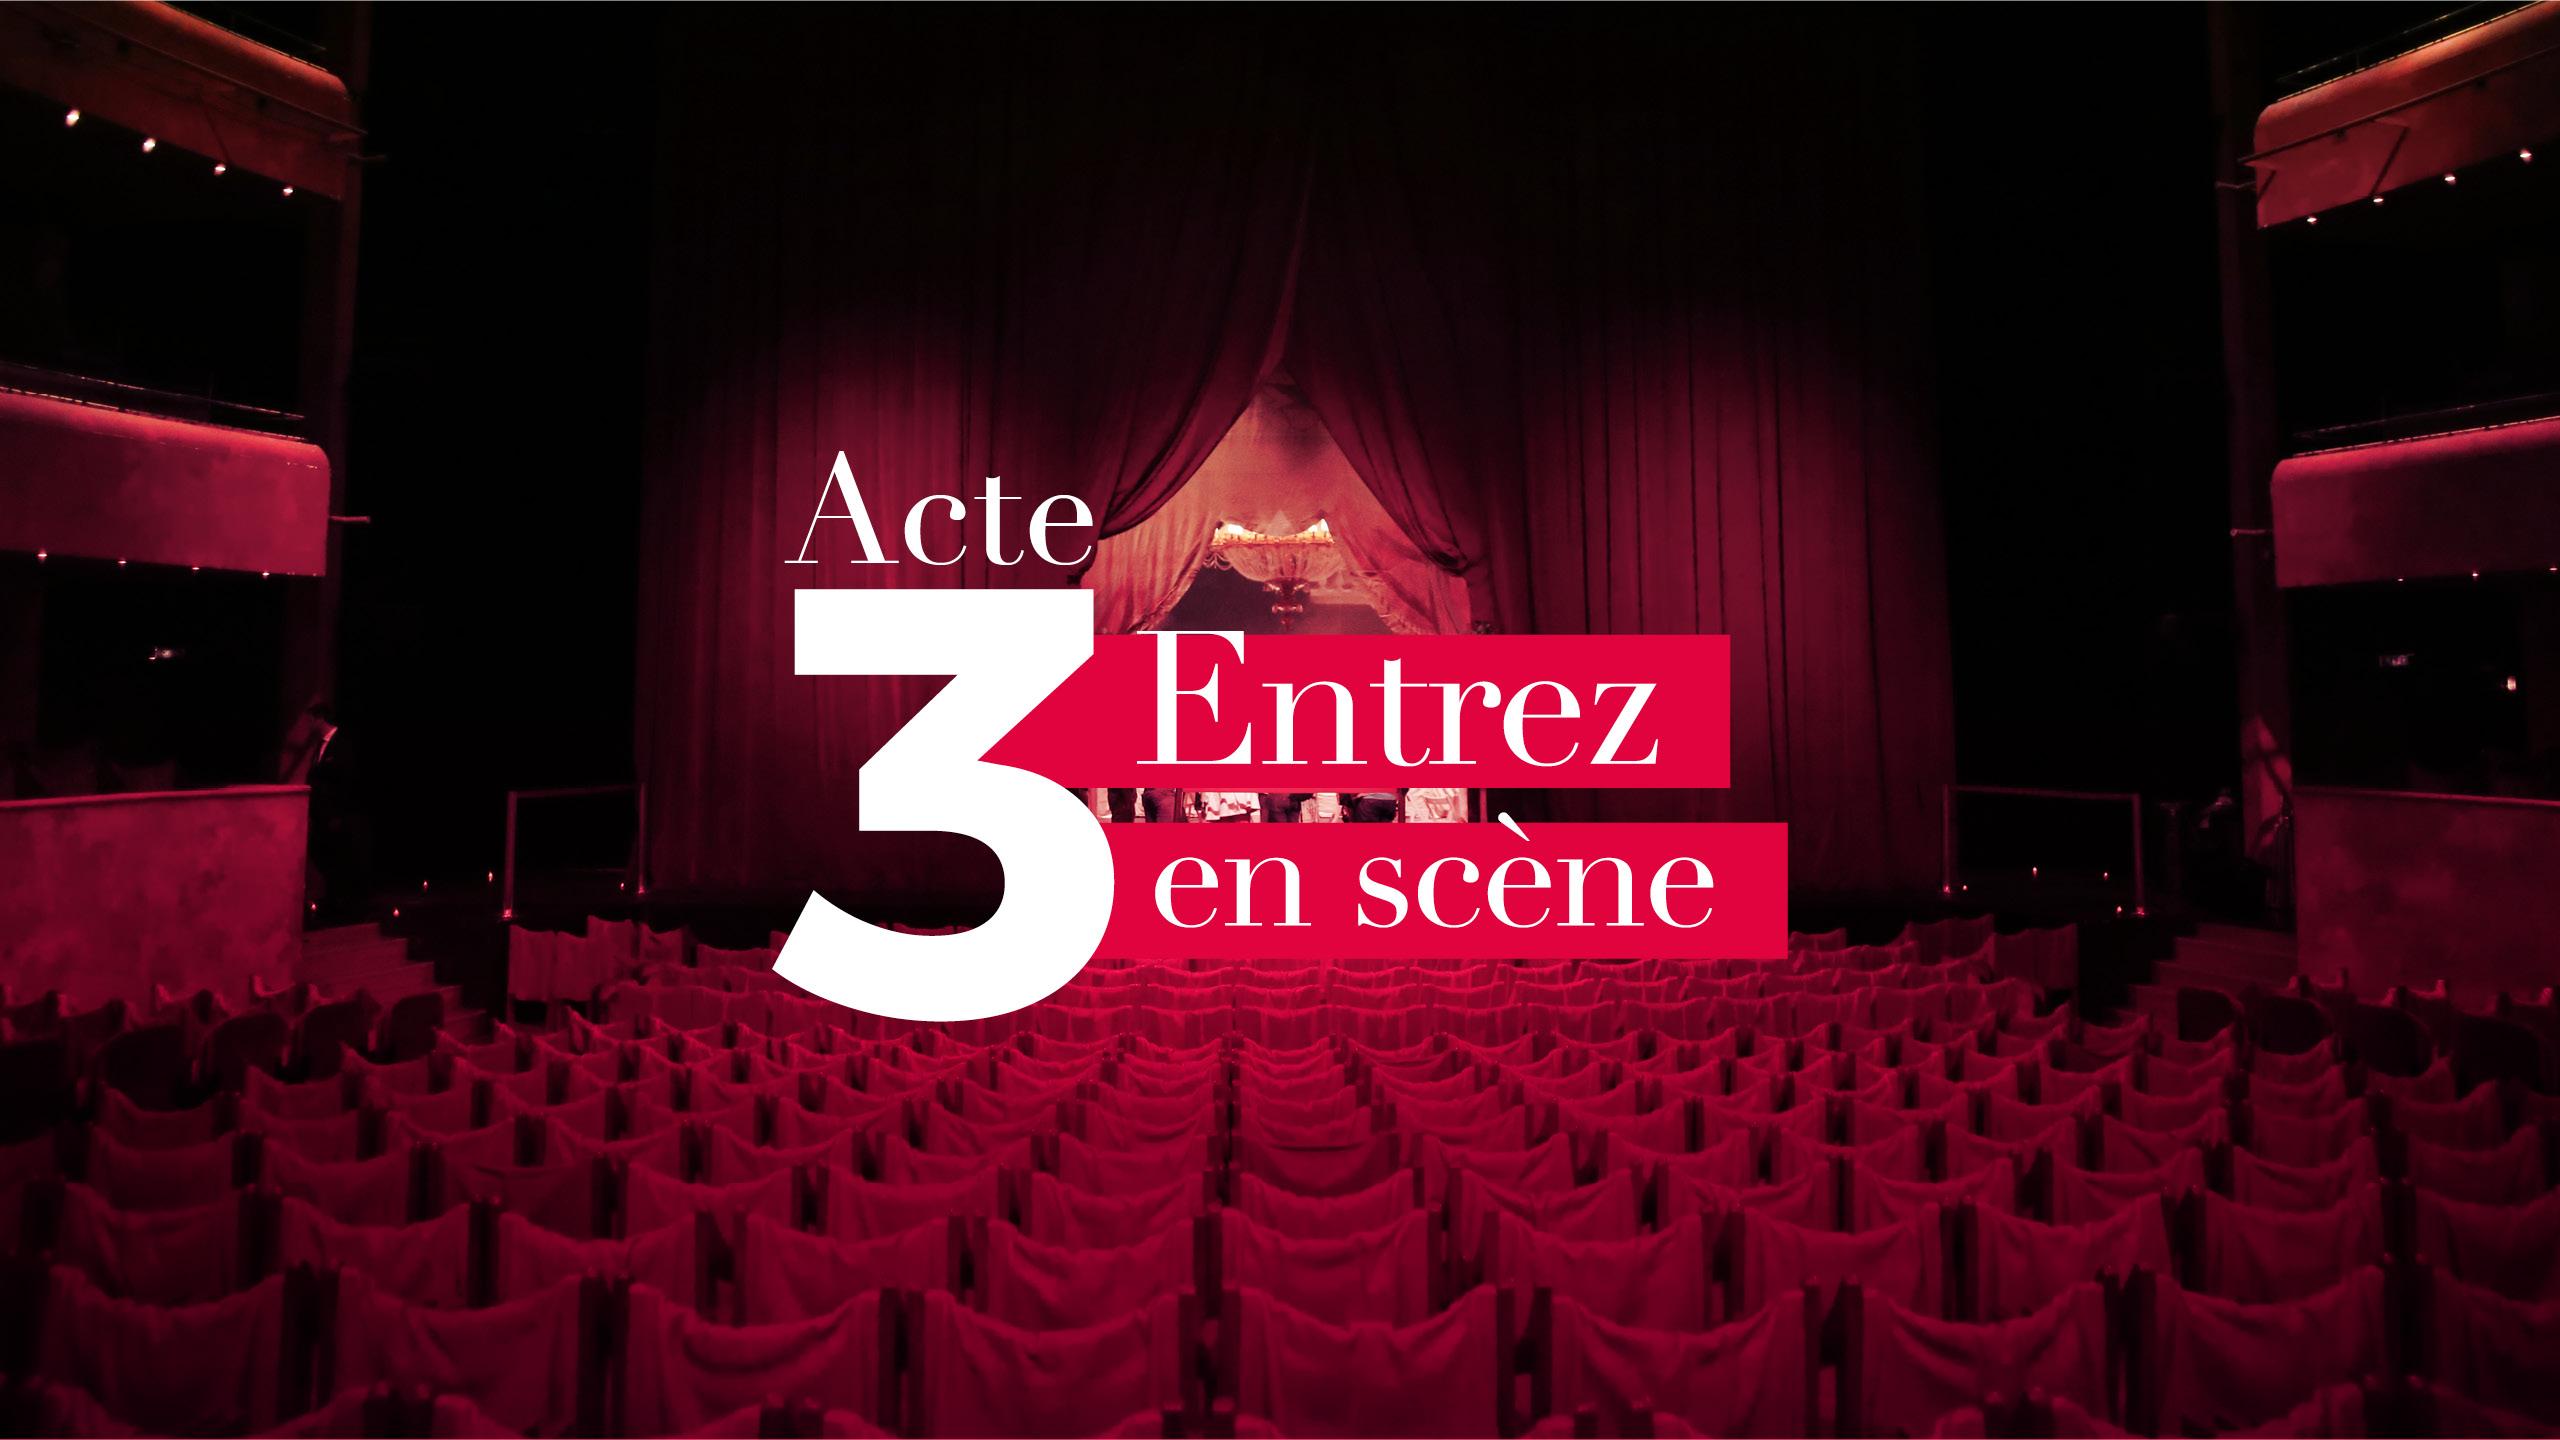 Acte-3